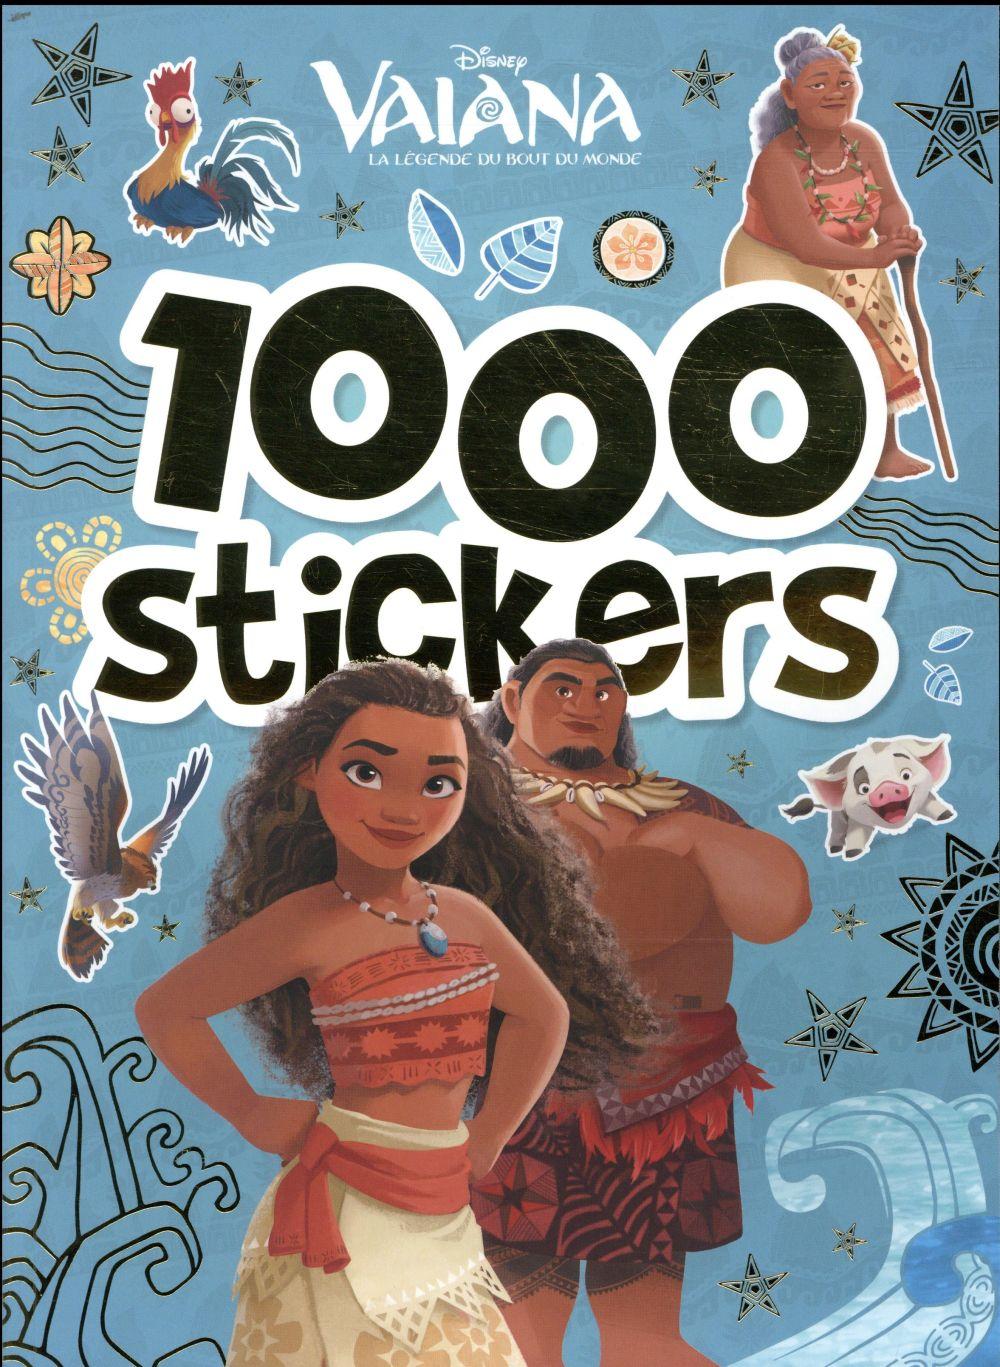 VAIANA - 1000 STICKERS